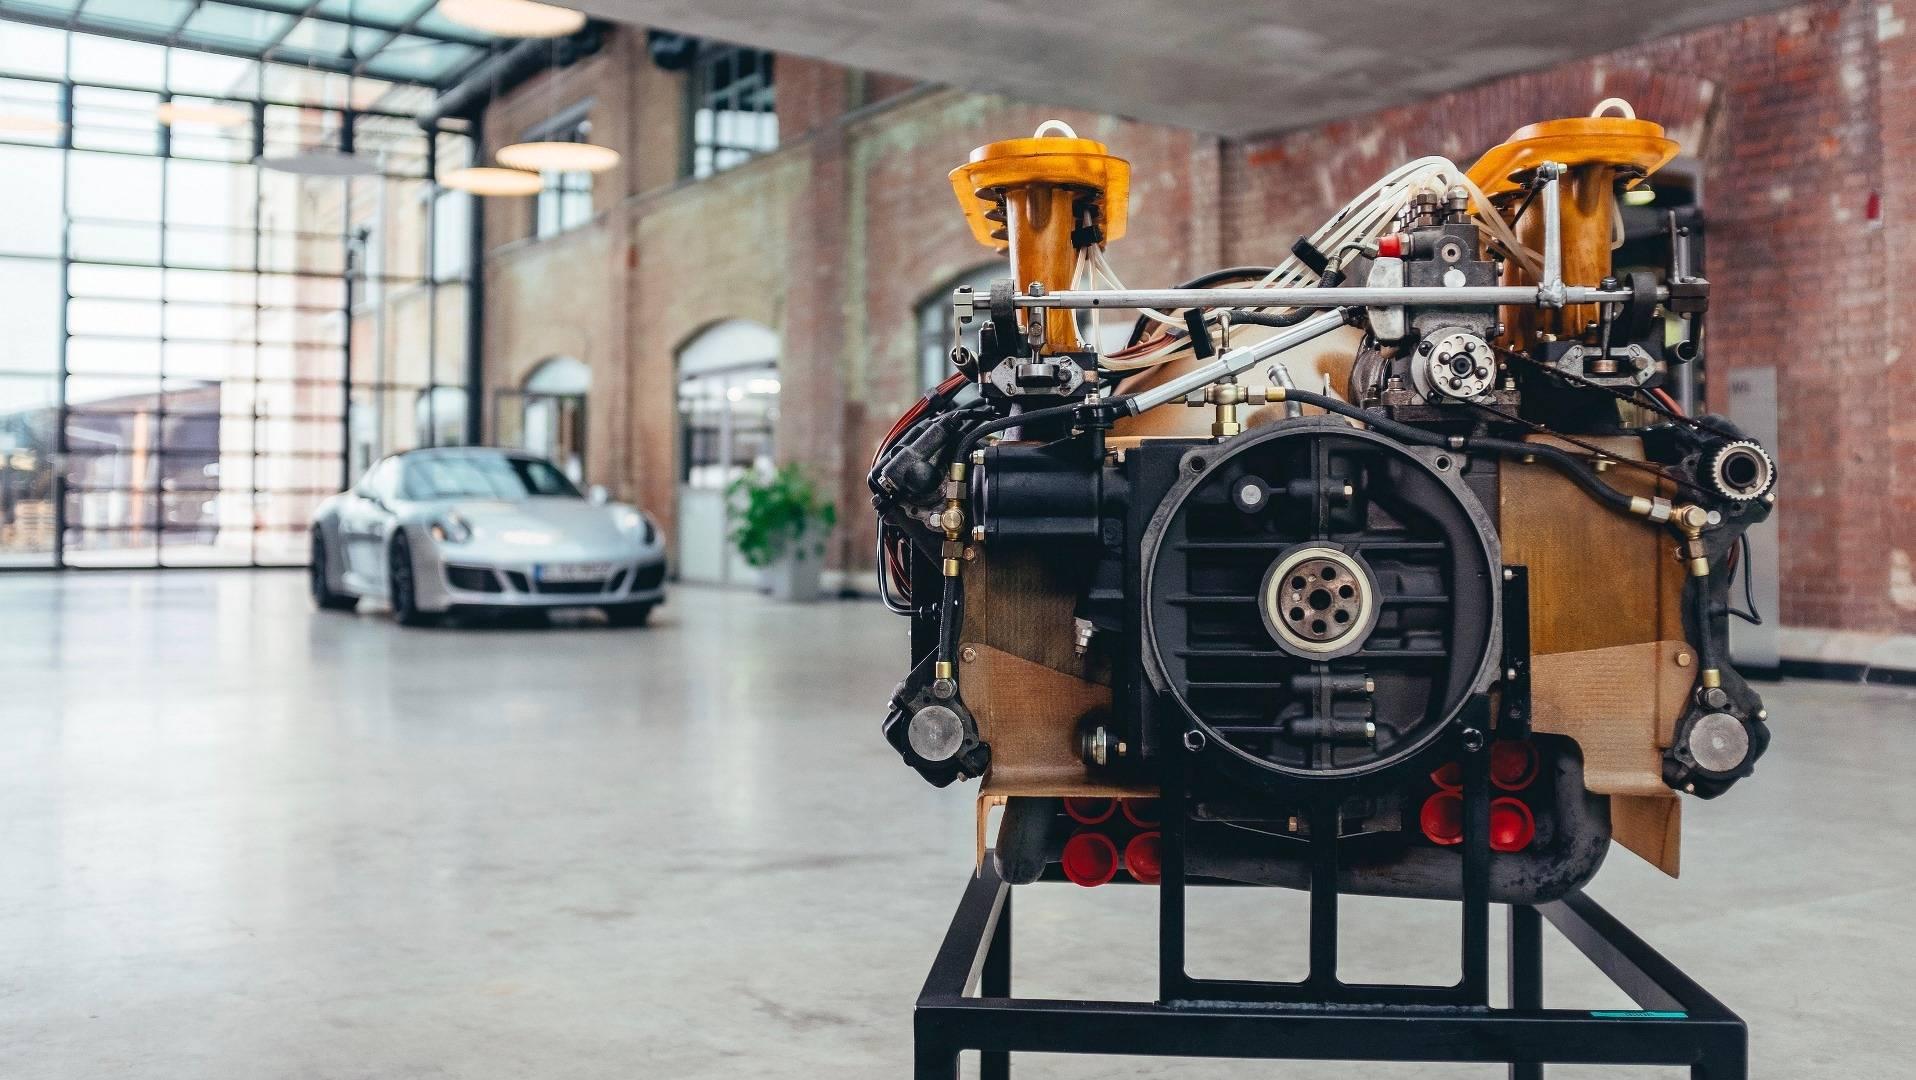 [DIAGRAM_4FR]  Porsche Shows What's So Great About The Boxer Engine | Build Porsche Engine Diagrams |  | Motor1.com